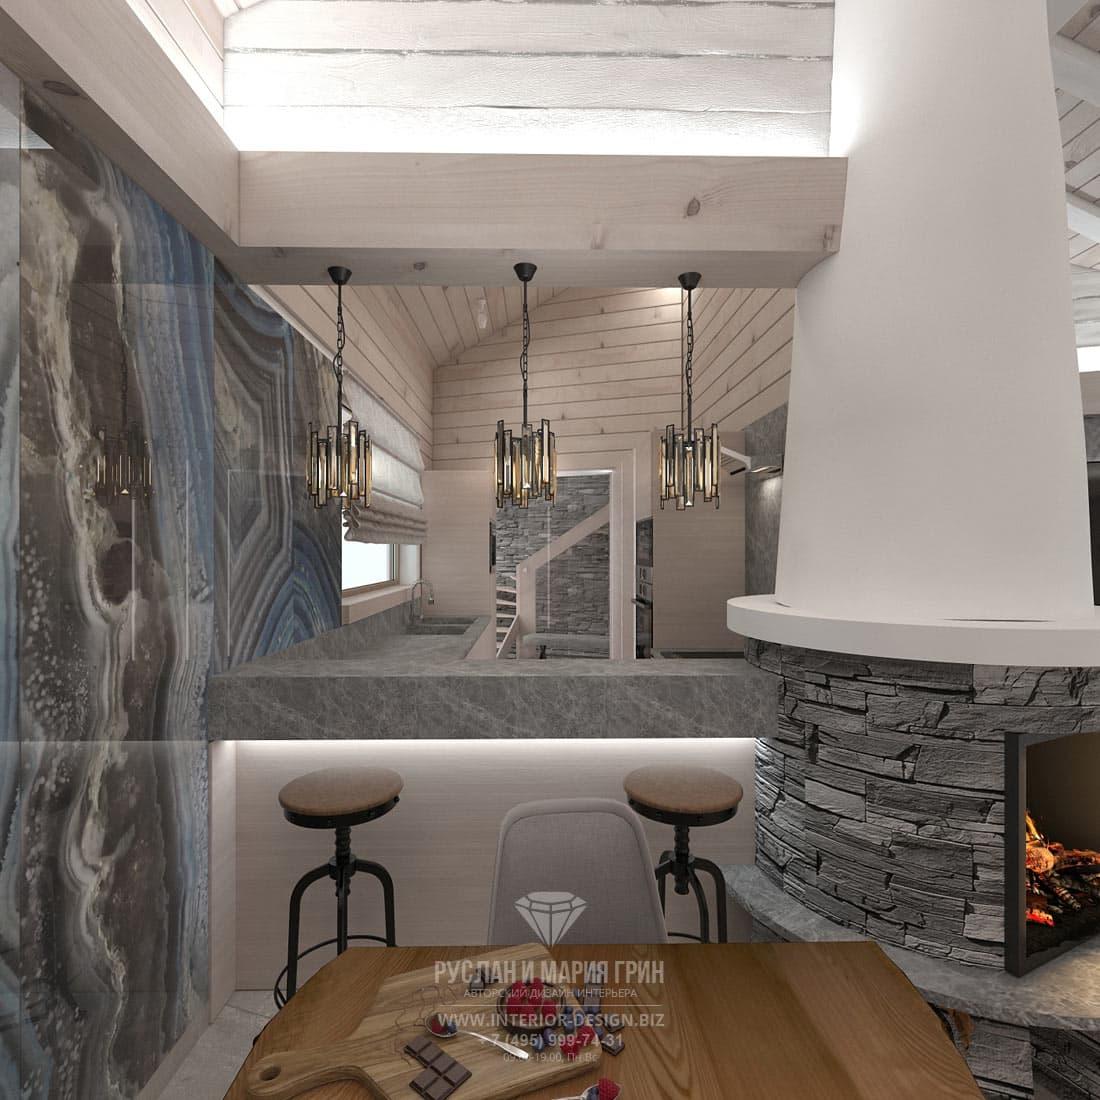 Дизайн интерьера небольшой кухни в загородном доме